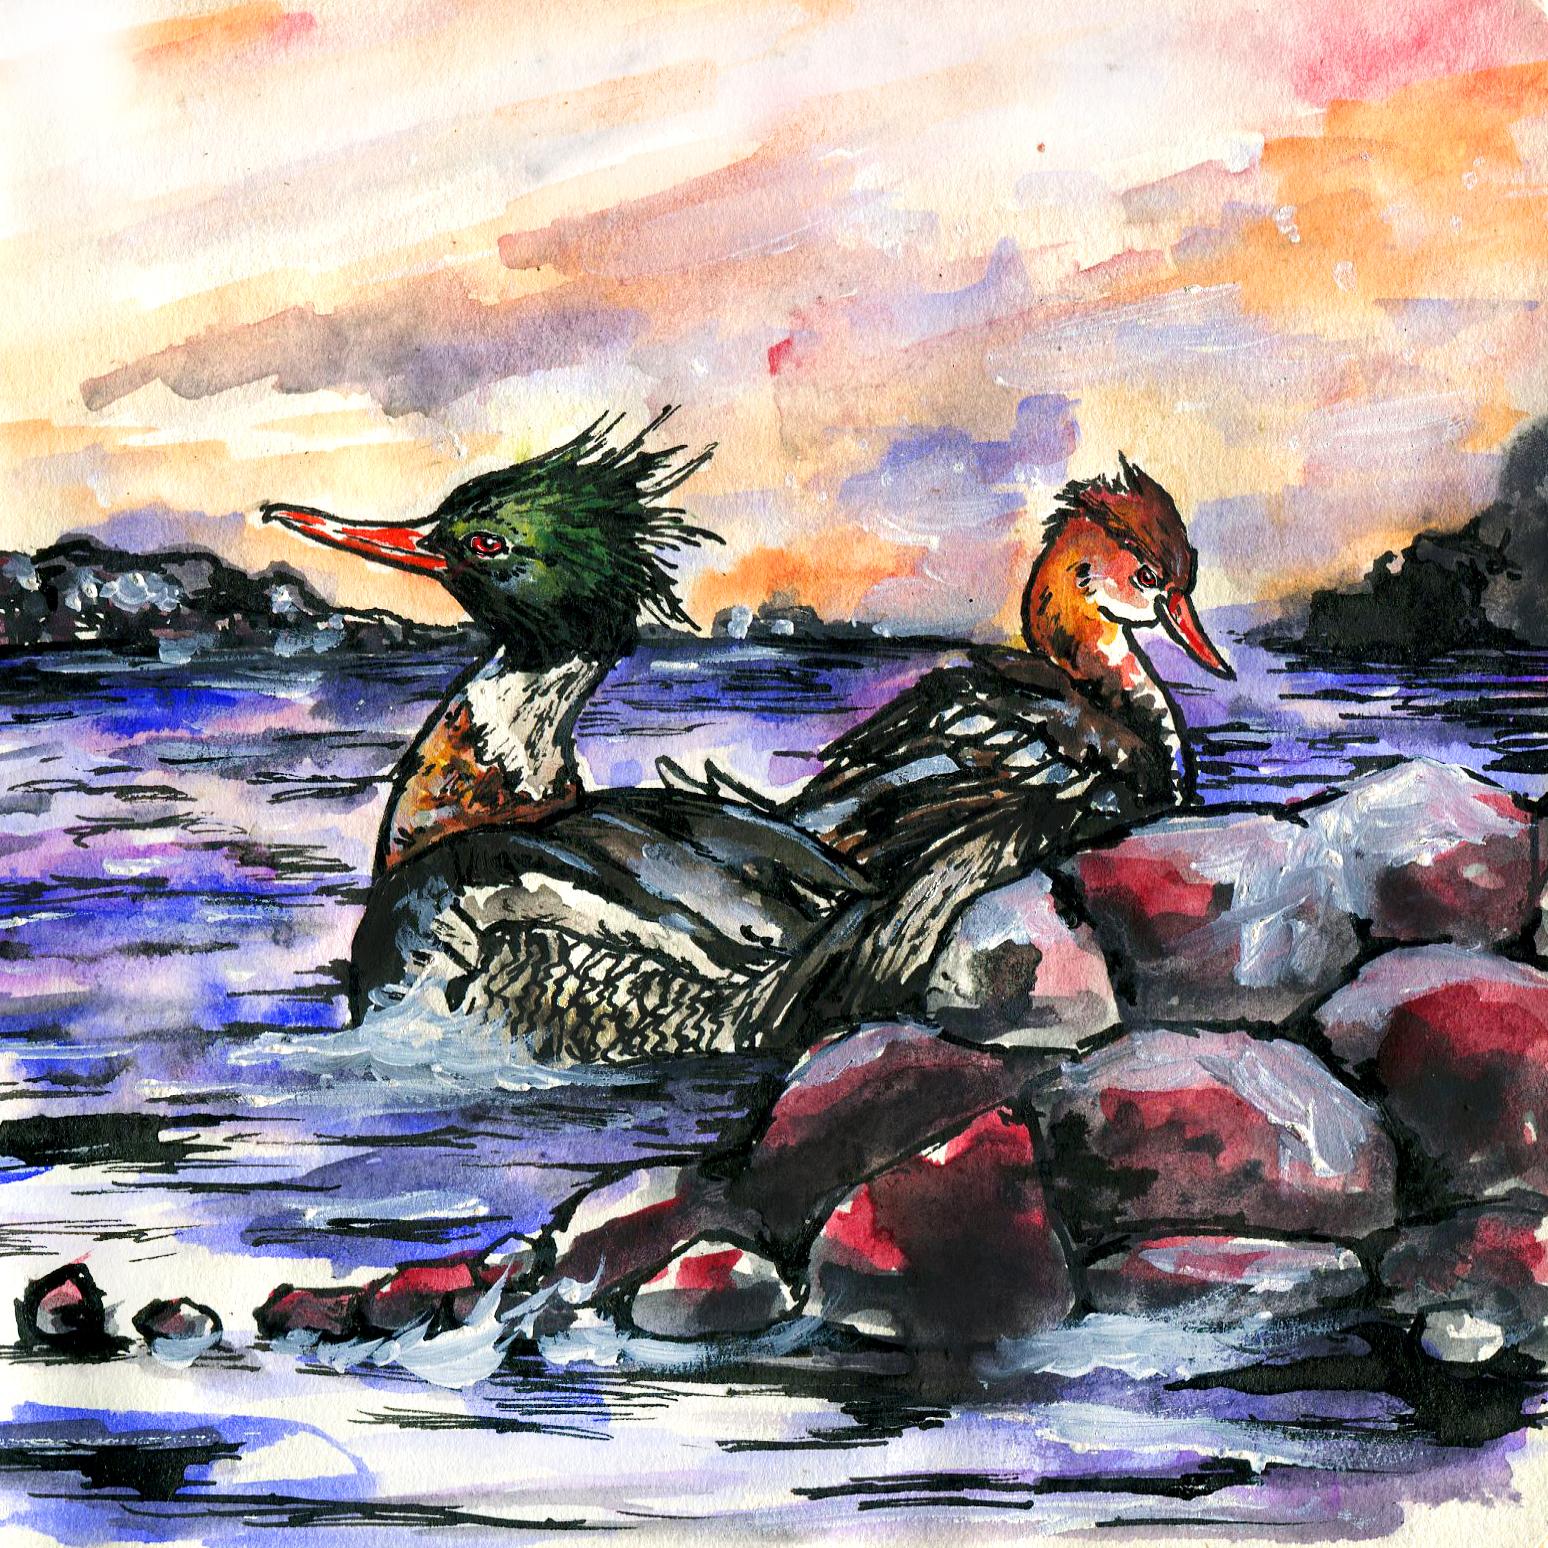 135. Red-breasted Merganser